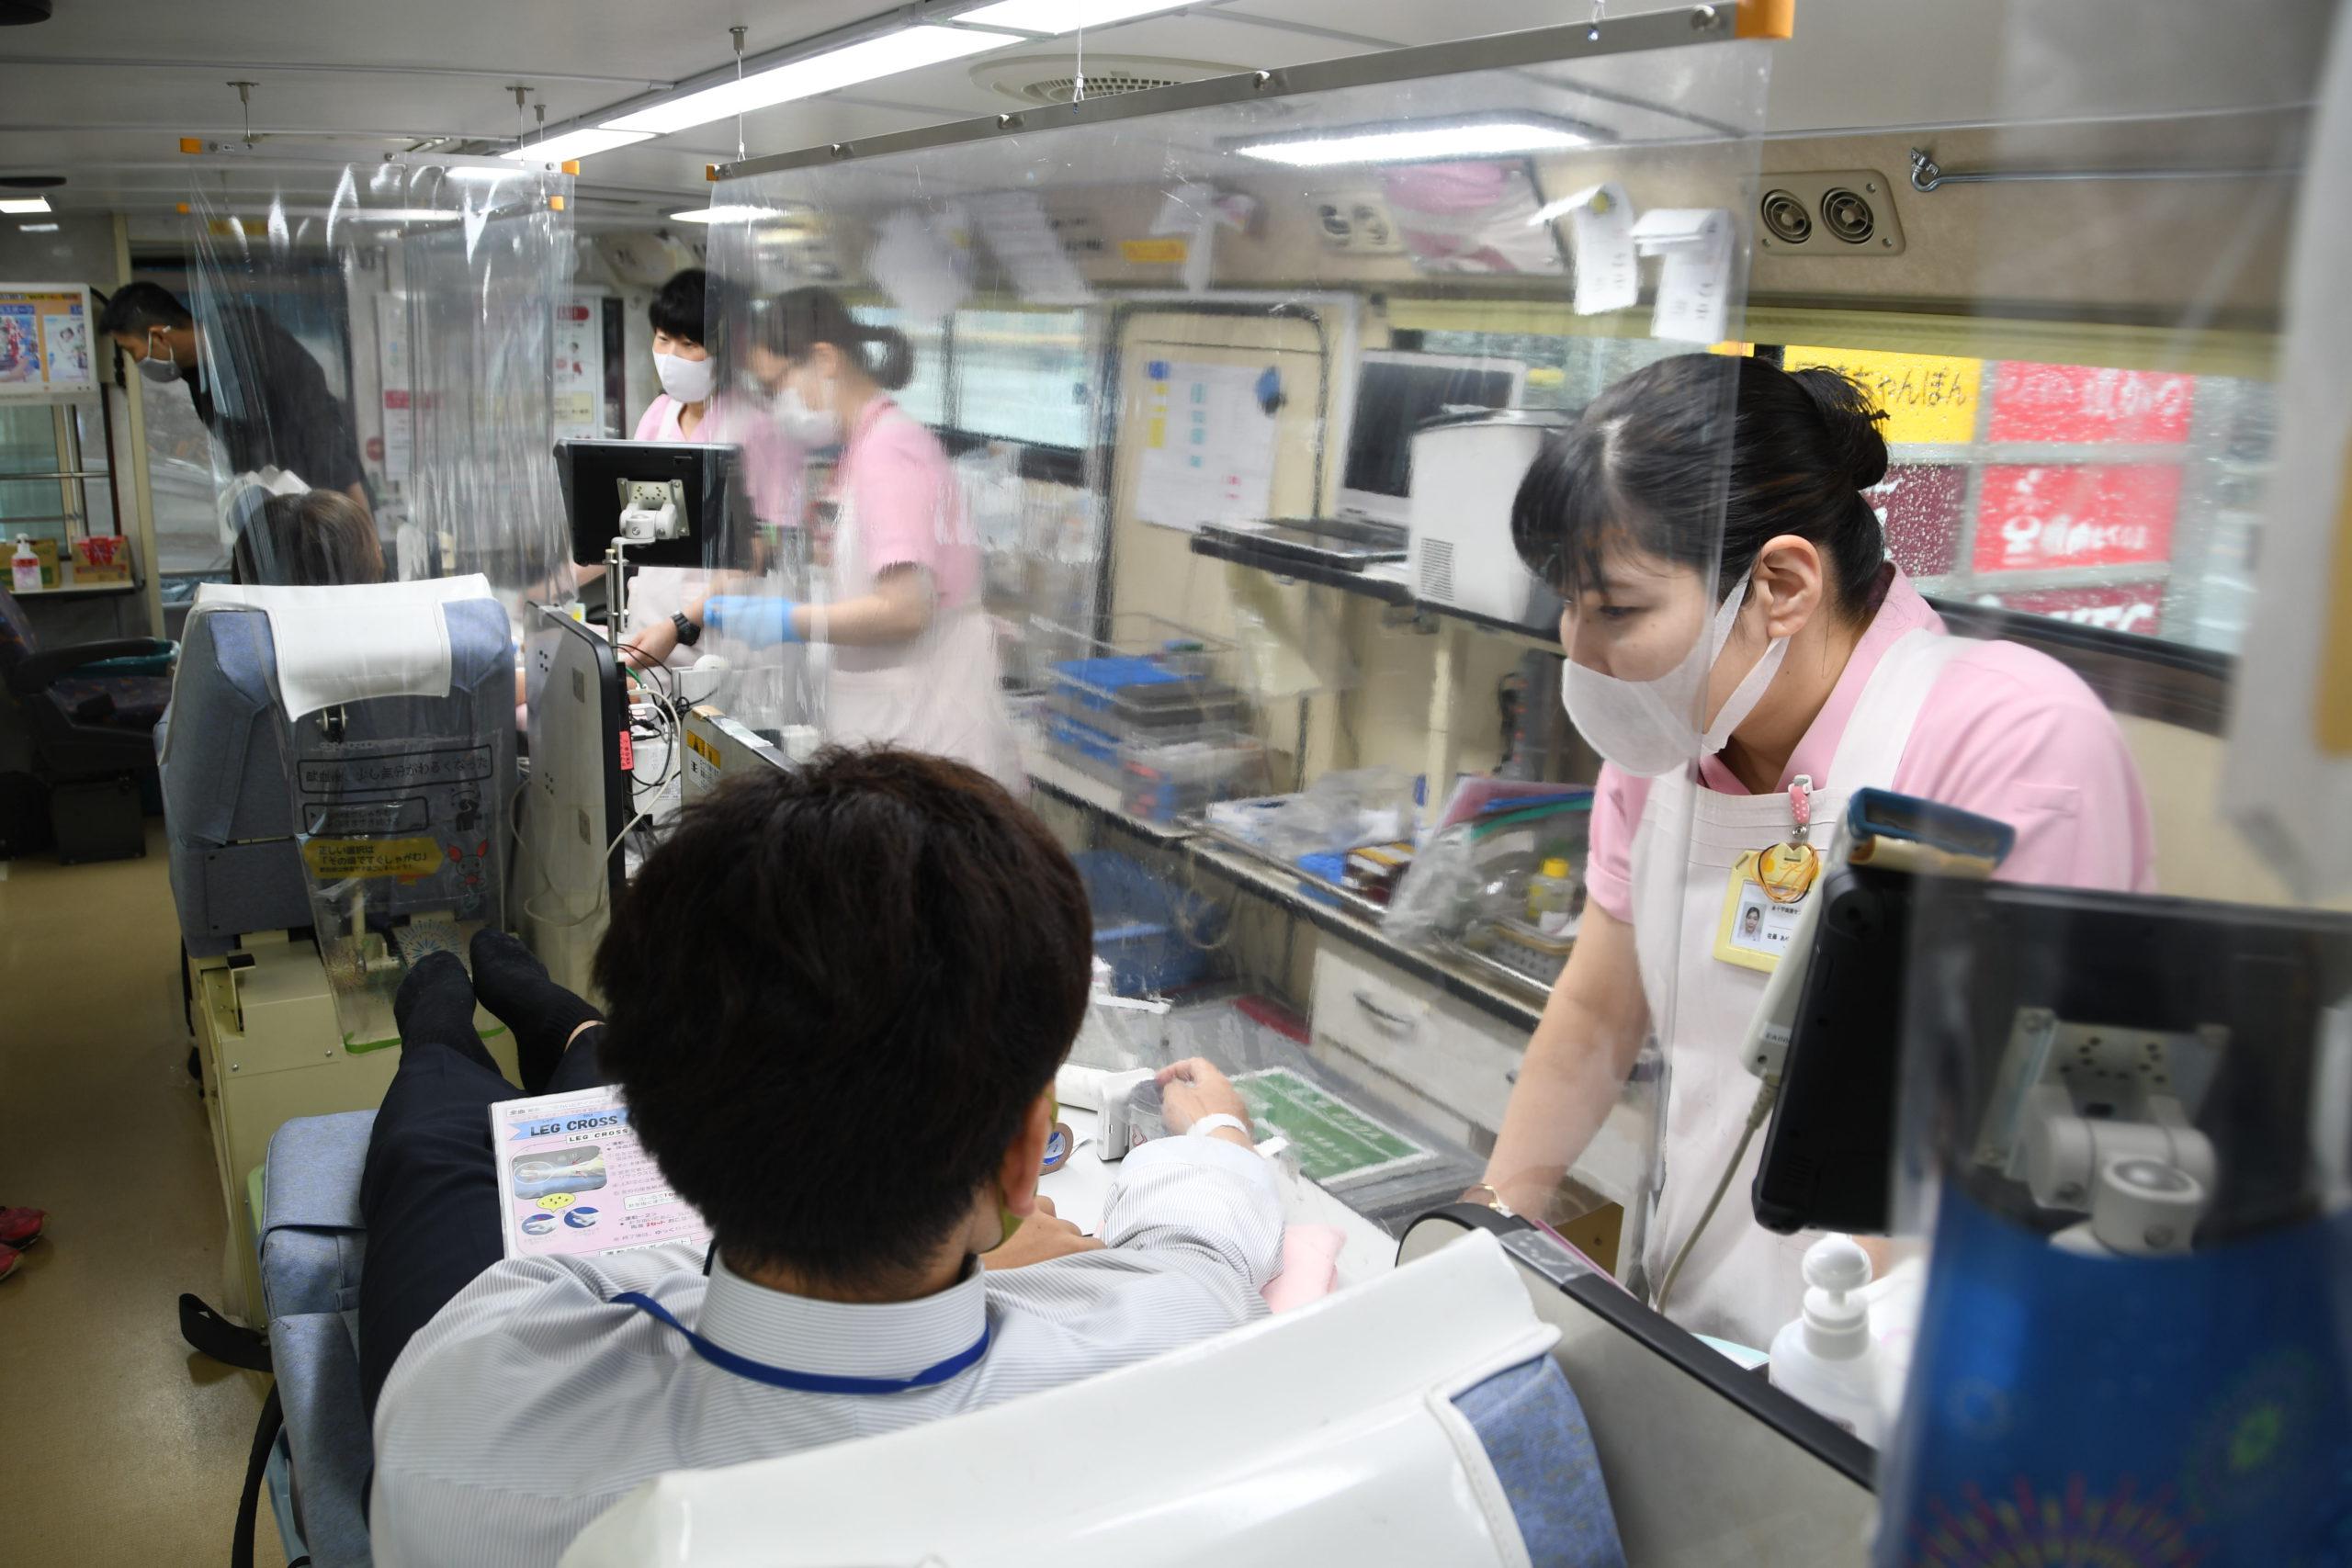 献血バスの内部